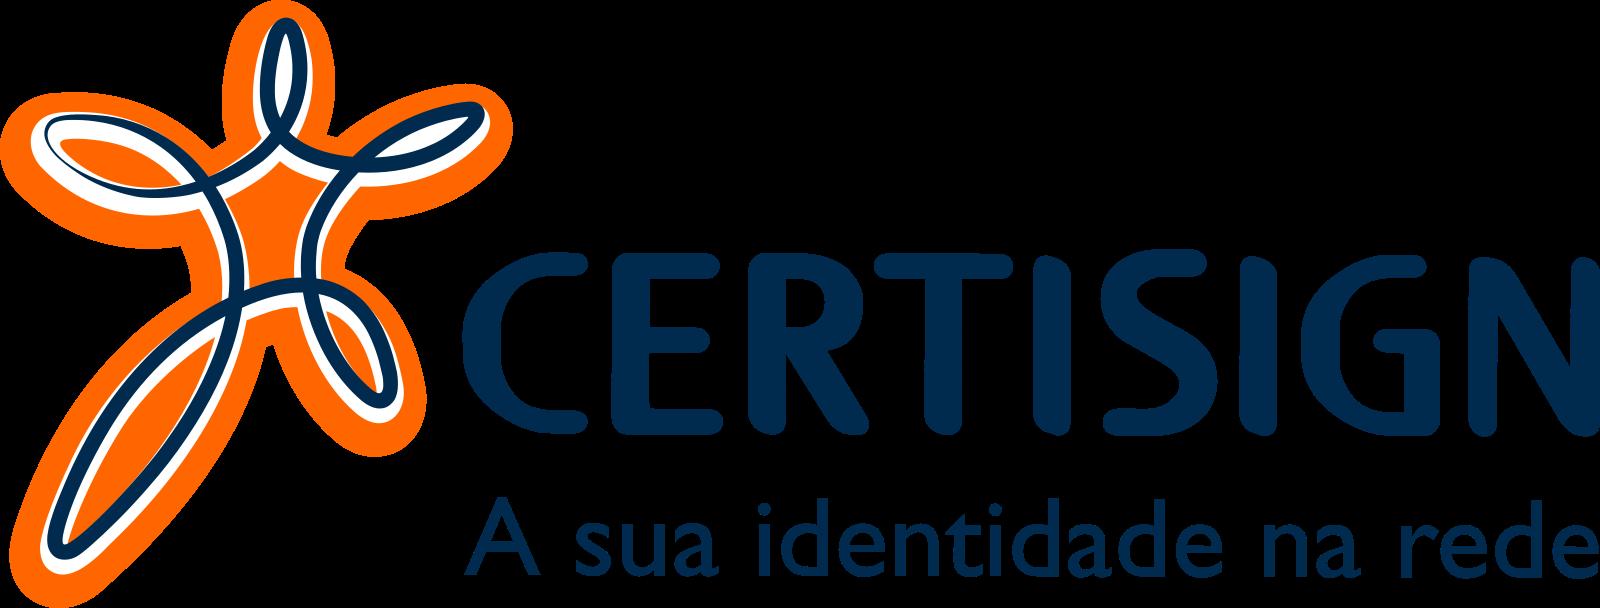 certisign-logo-3